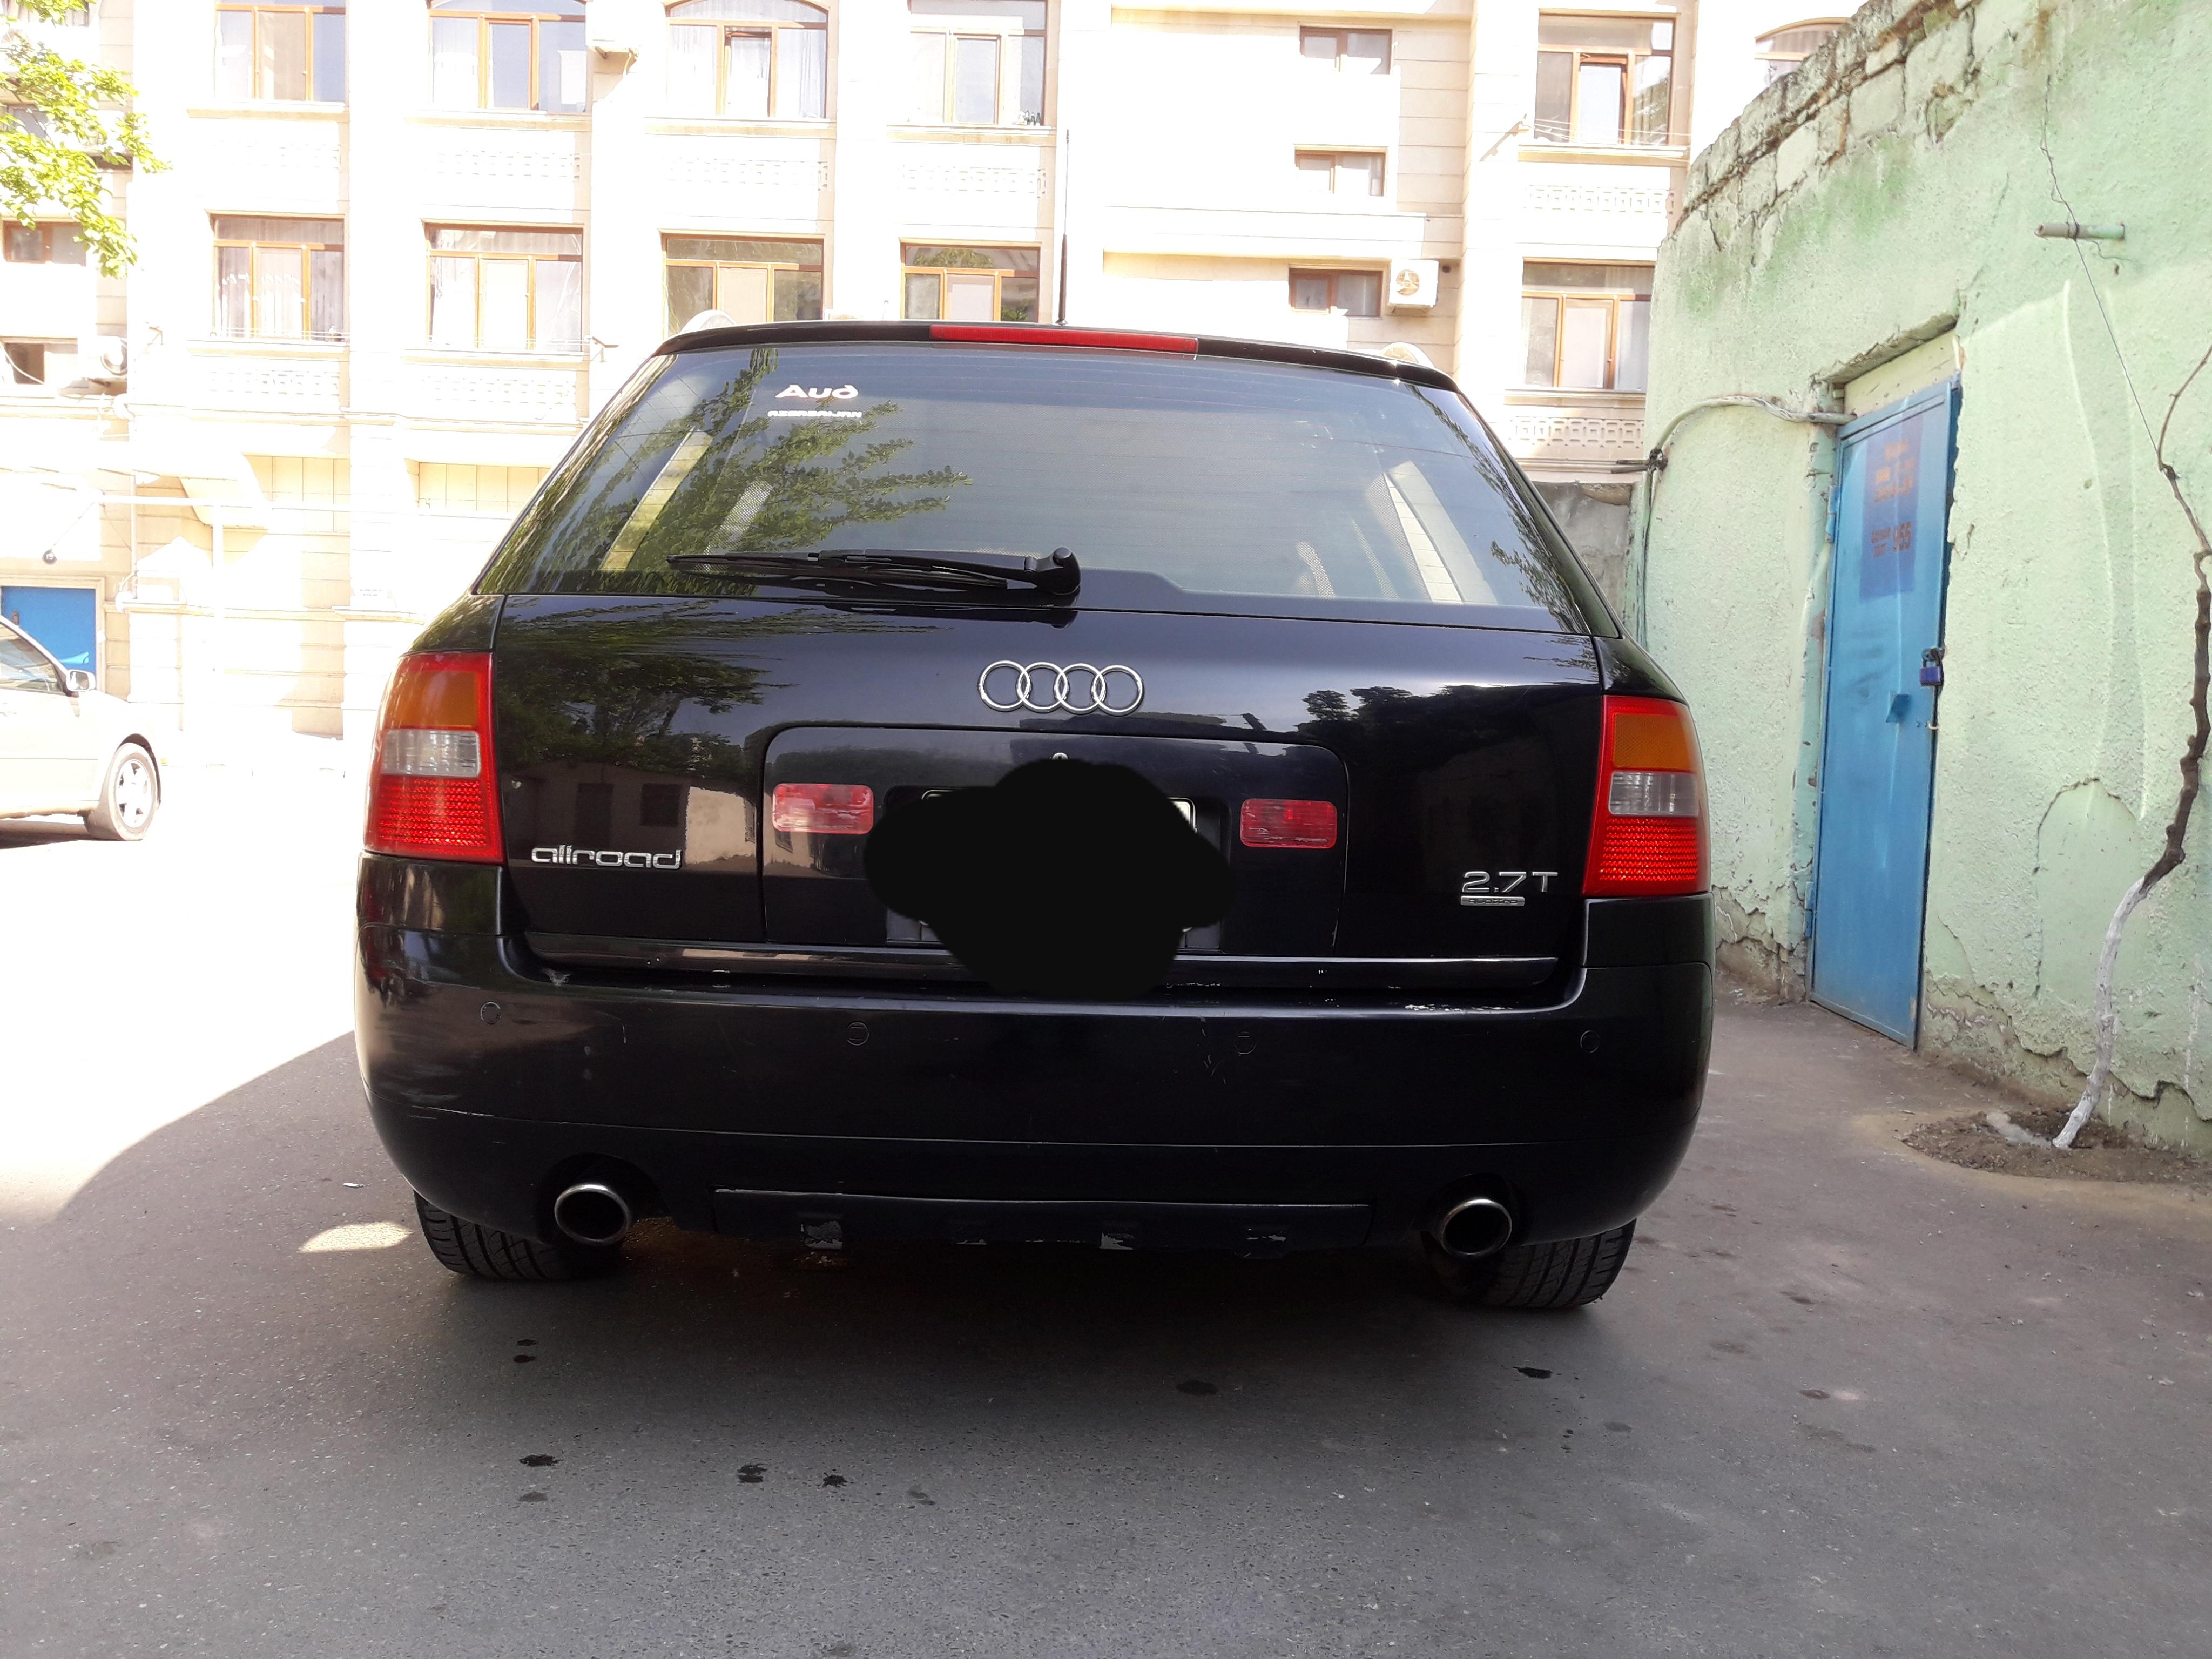 Audi A6 Allroad 2.7(lt) 2003 Подержанный  $8200